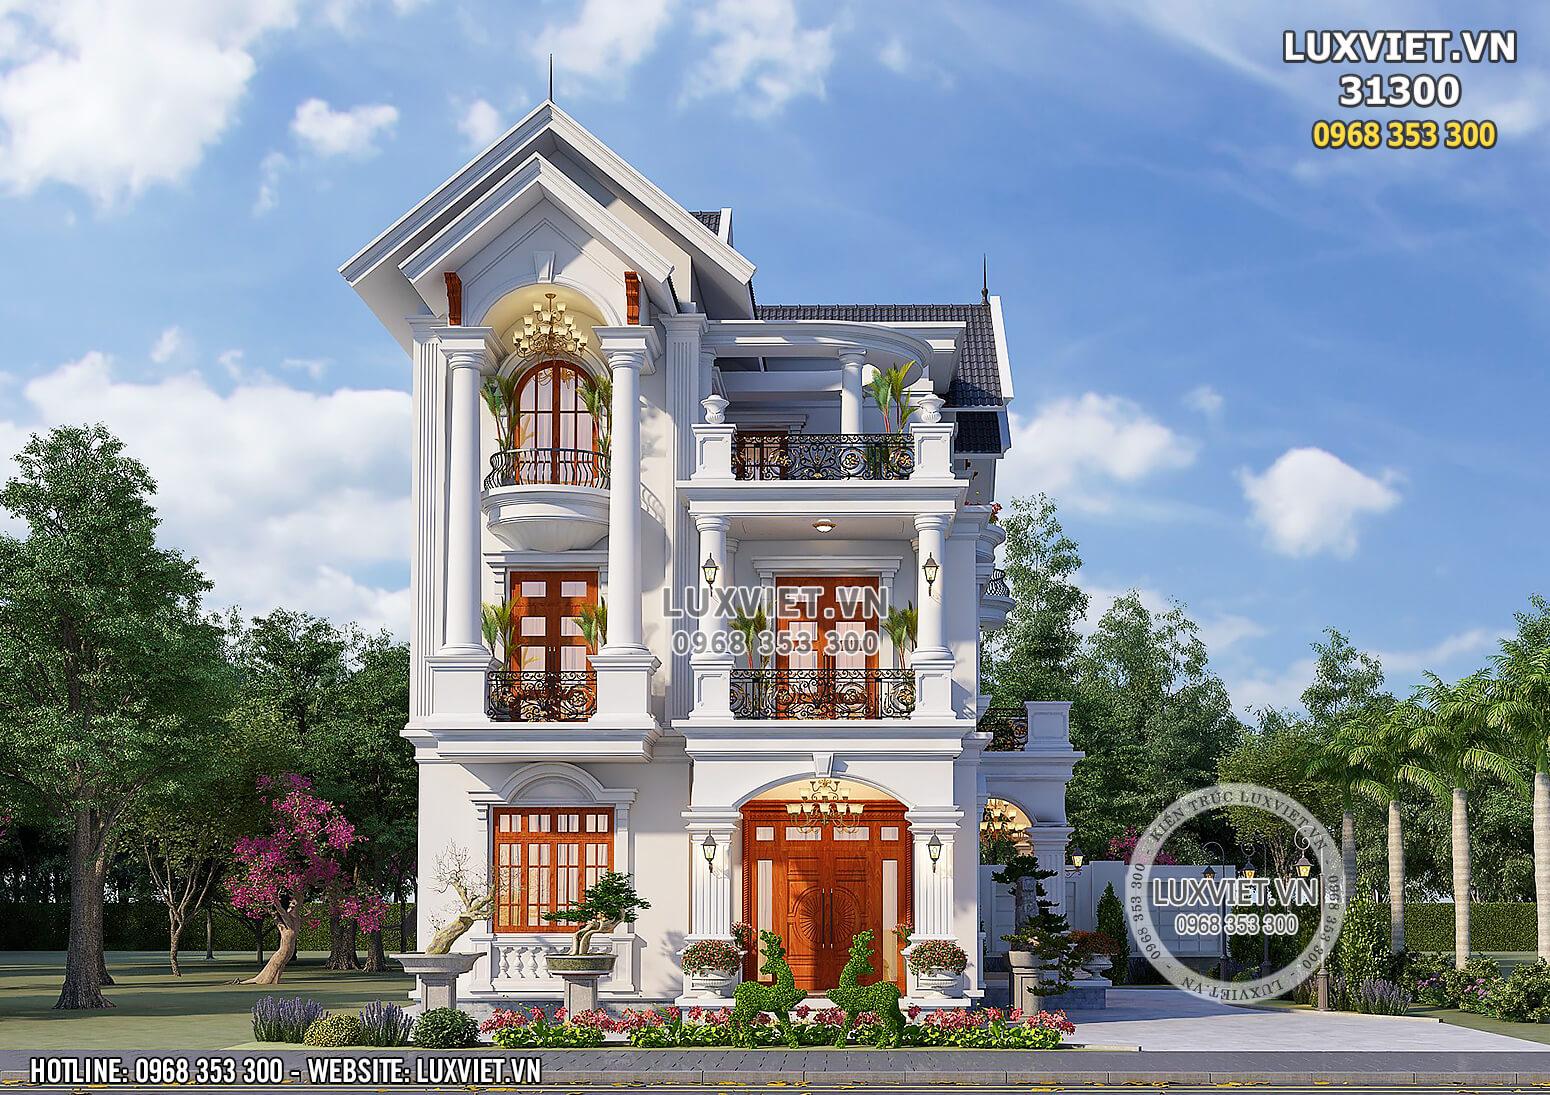 Hình ảnh: Mẫu thiết kế biệt thự mái thái tân cổ điển lộng lẫy và kiểu sa - LV 31300